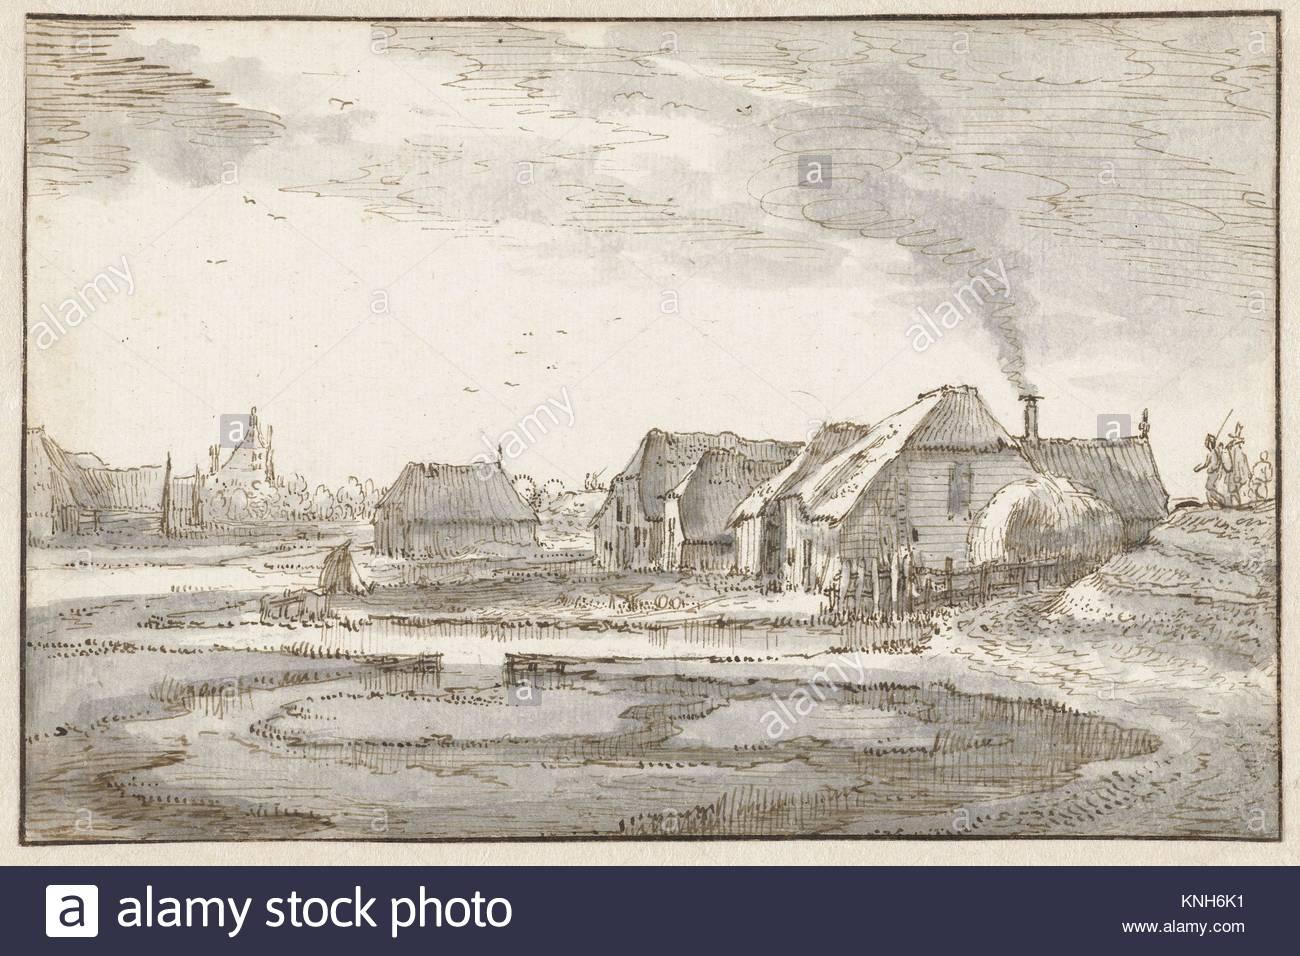 Spaarndammerdijk at de Braakjes  Claes Jansz. Visscher (II), c. 1605 - c. 1615 - Stock Image